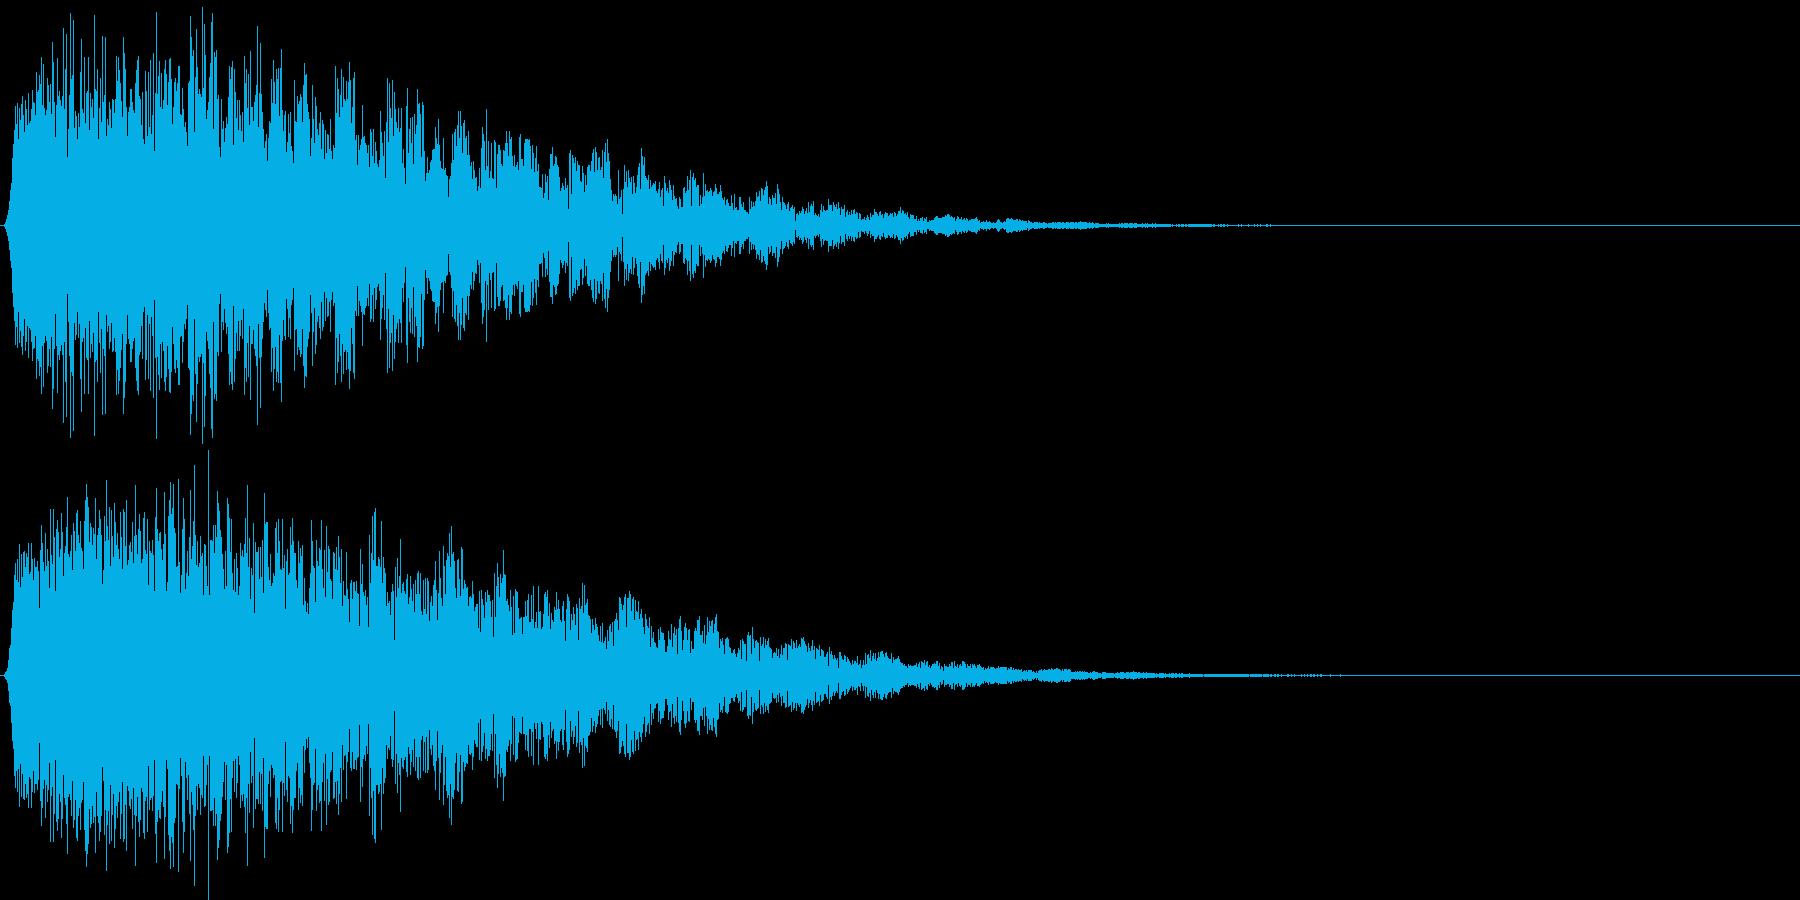 ギュオン。戦慄・驚愕する音の再生済みの波形